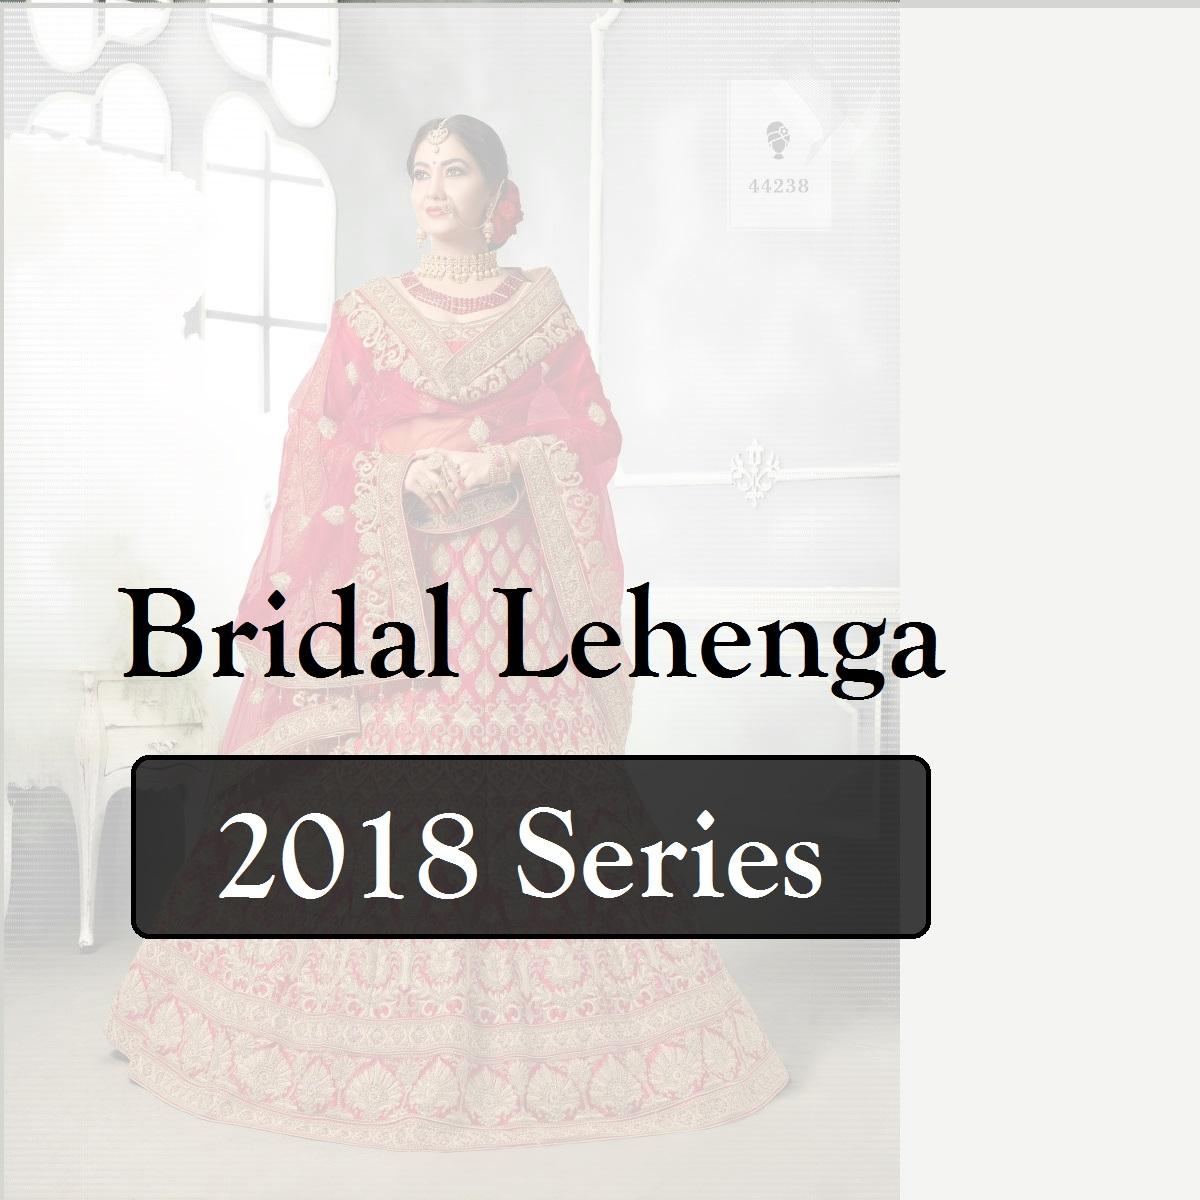 dc793cb185b781 Shop Bridal Lehenga 2018 Series Online